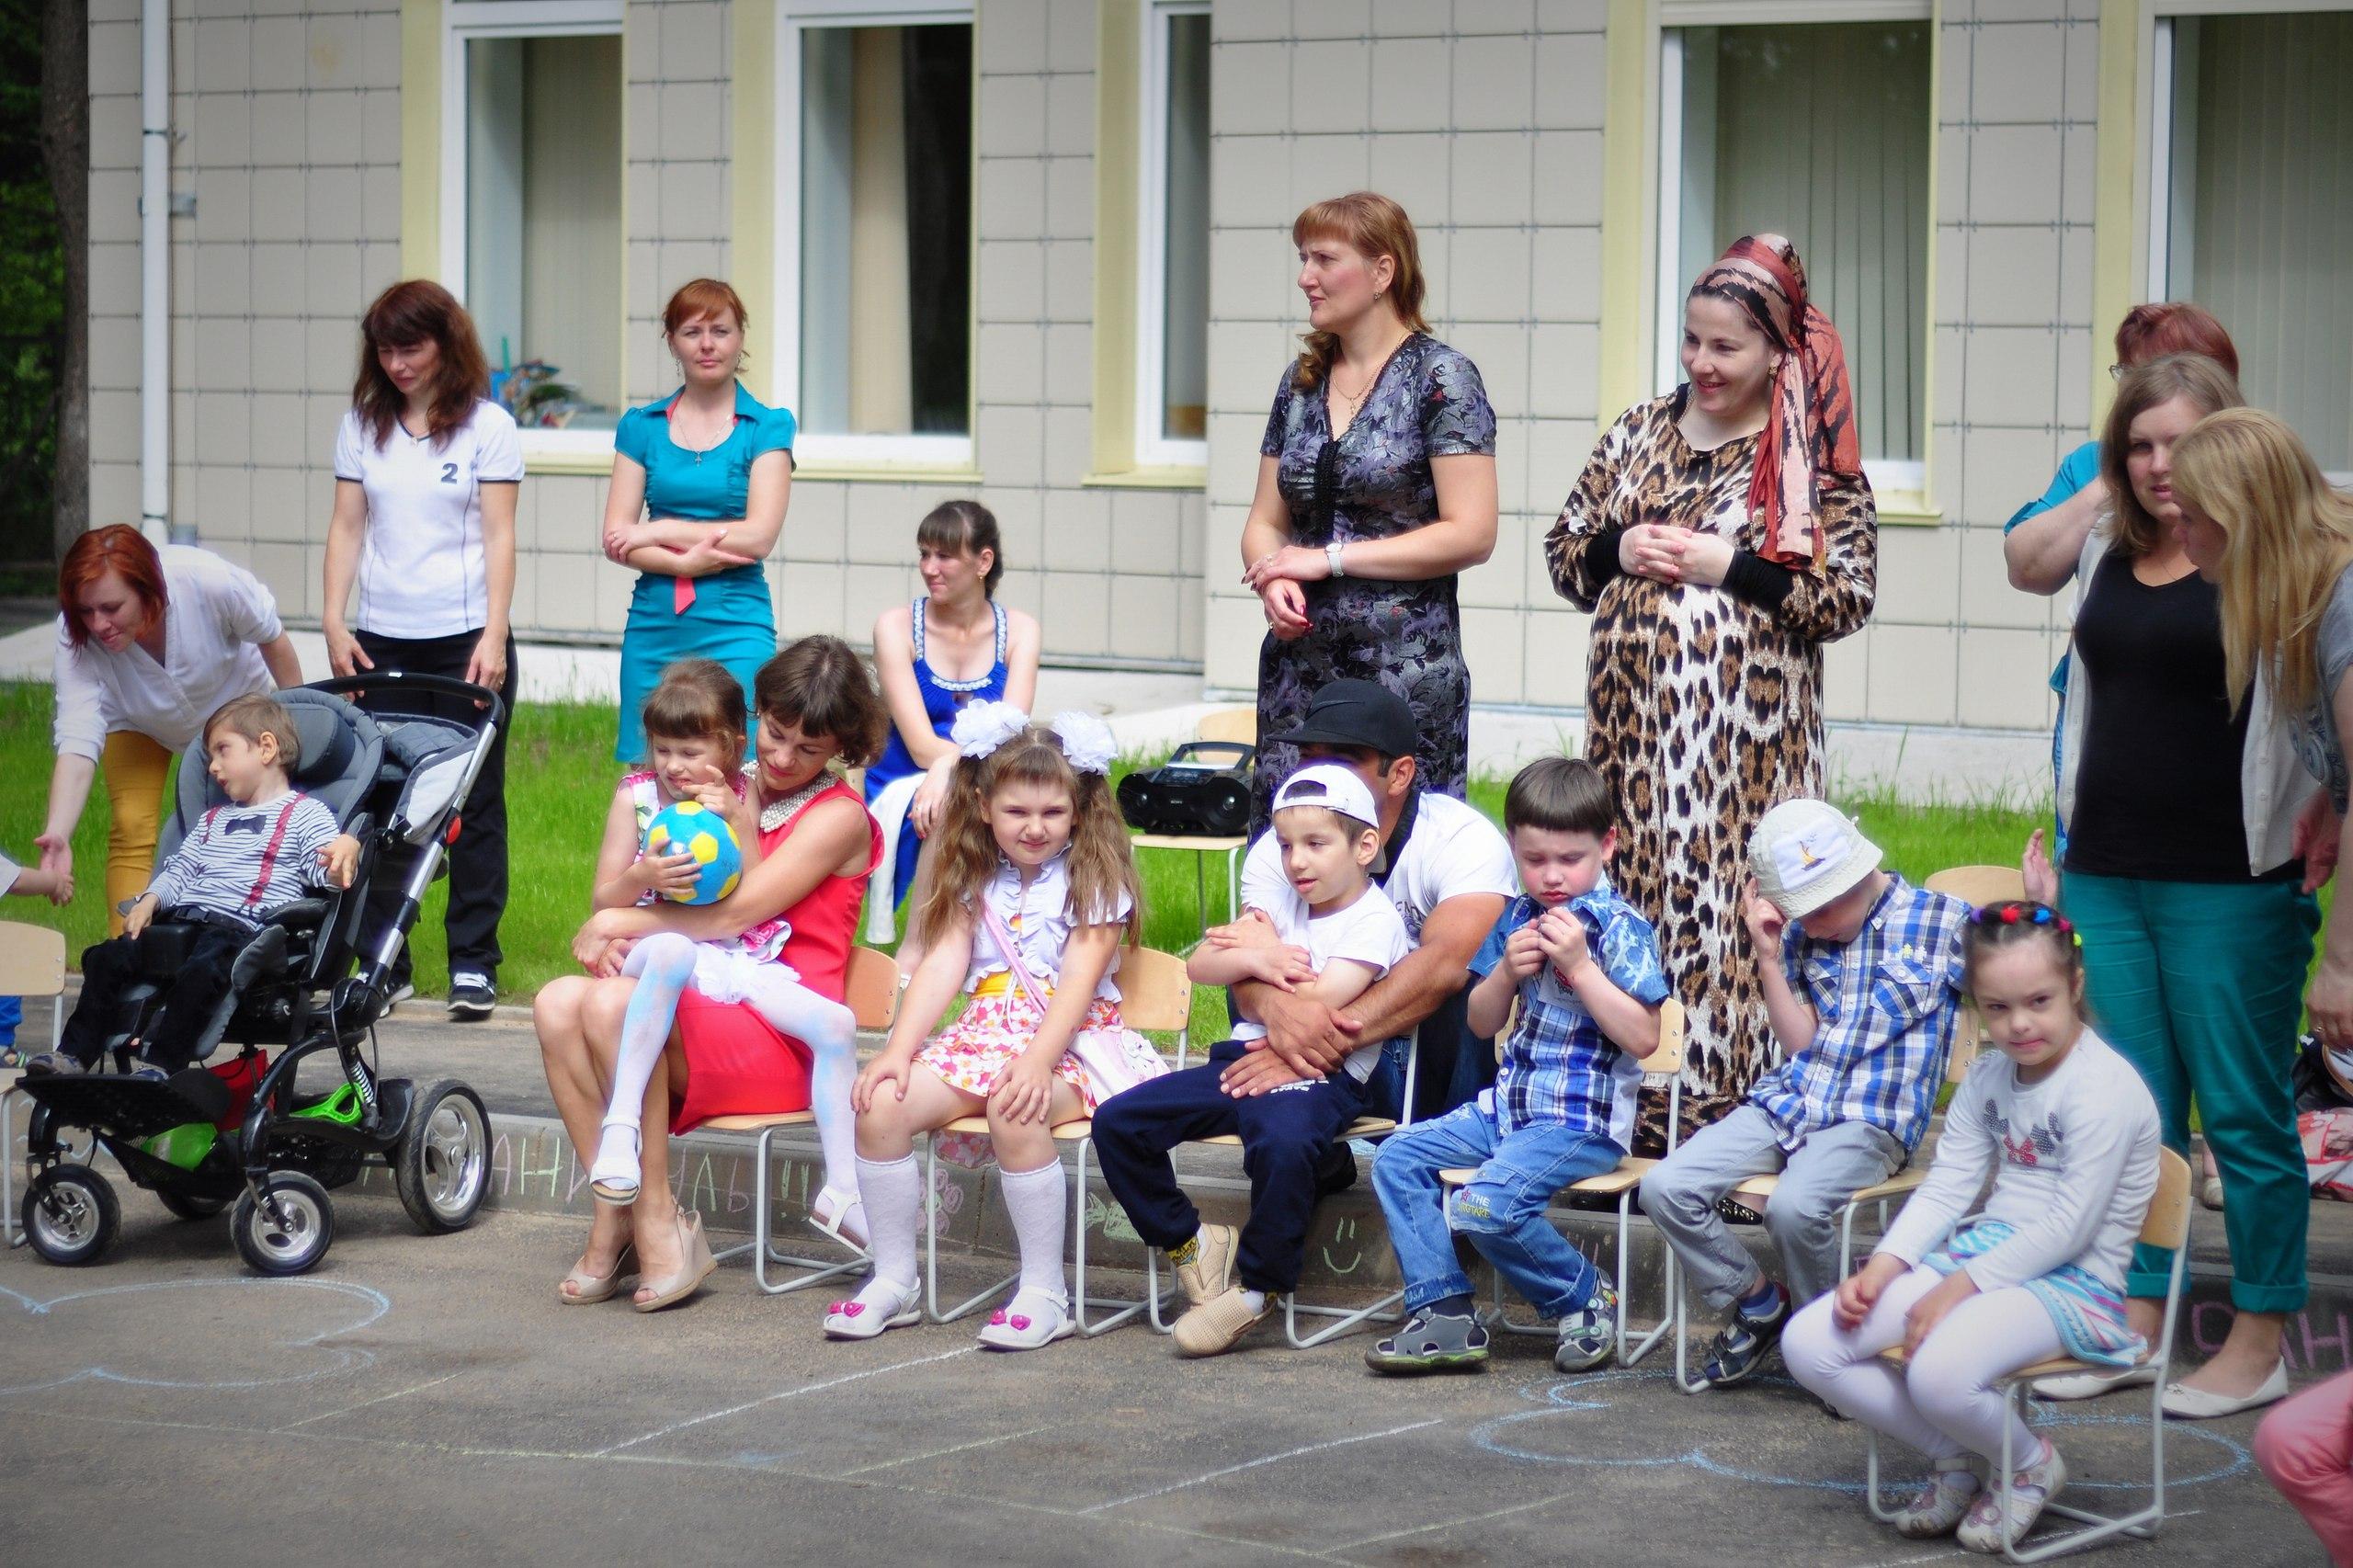 24.06.2016, вып. в Лесовичке, фото О. Сидяковой, 17